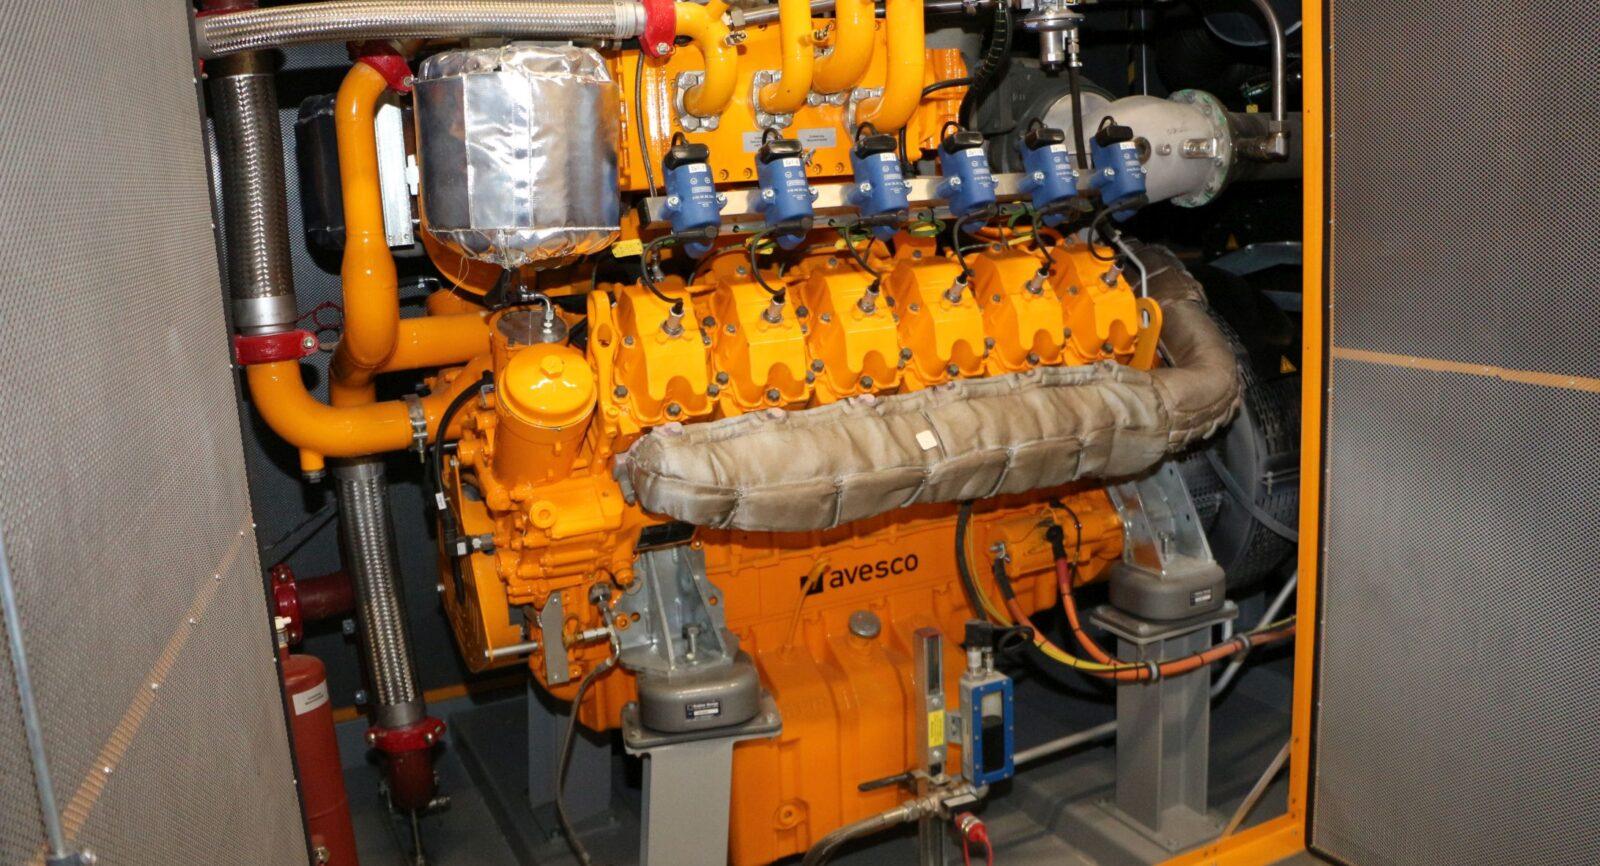 Ein Blick auf den modernen Gasmotor, der Niedertemperaturwärme von 85 °C für die Gebäudeheizung und die Bereitung von Trinkwarmwasser abgibt.